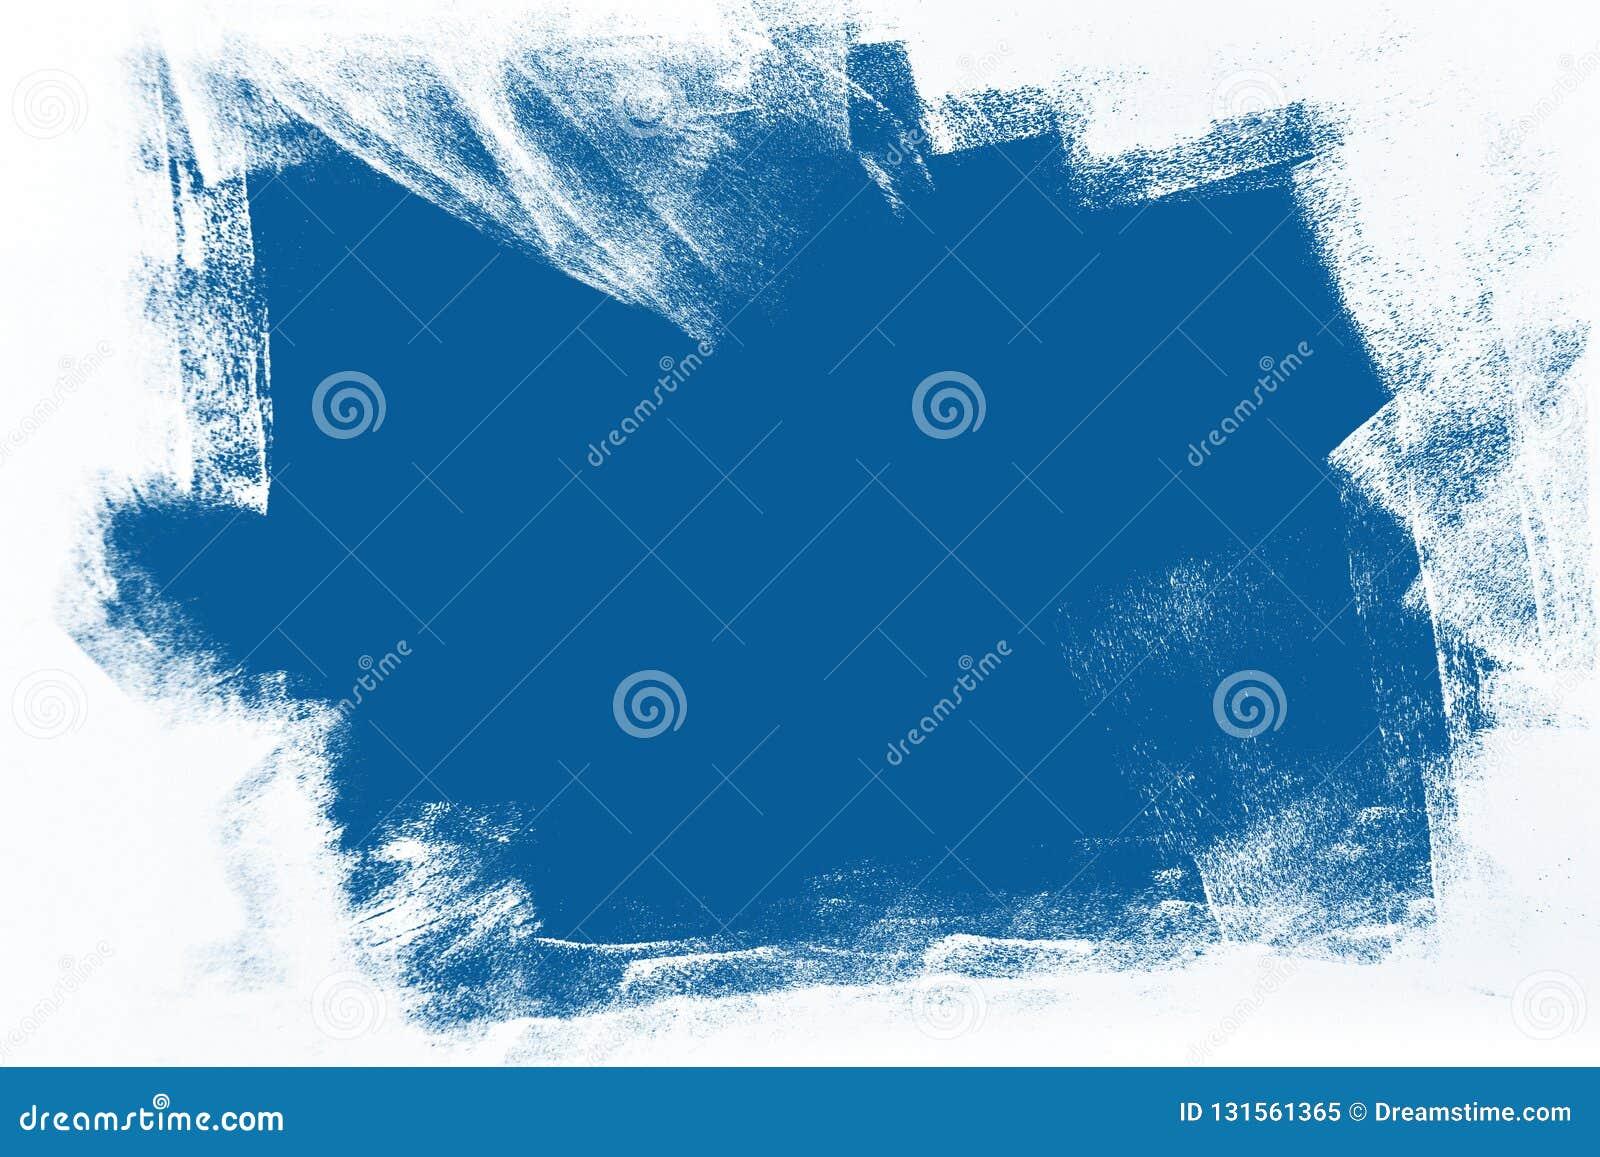 Blaue und weiße handgemalte Hintergrundbeschaffenheit